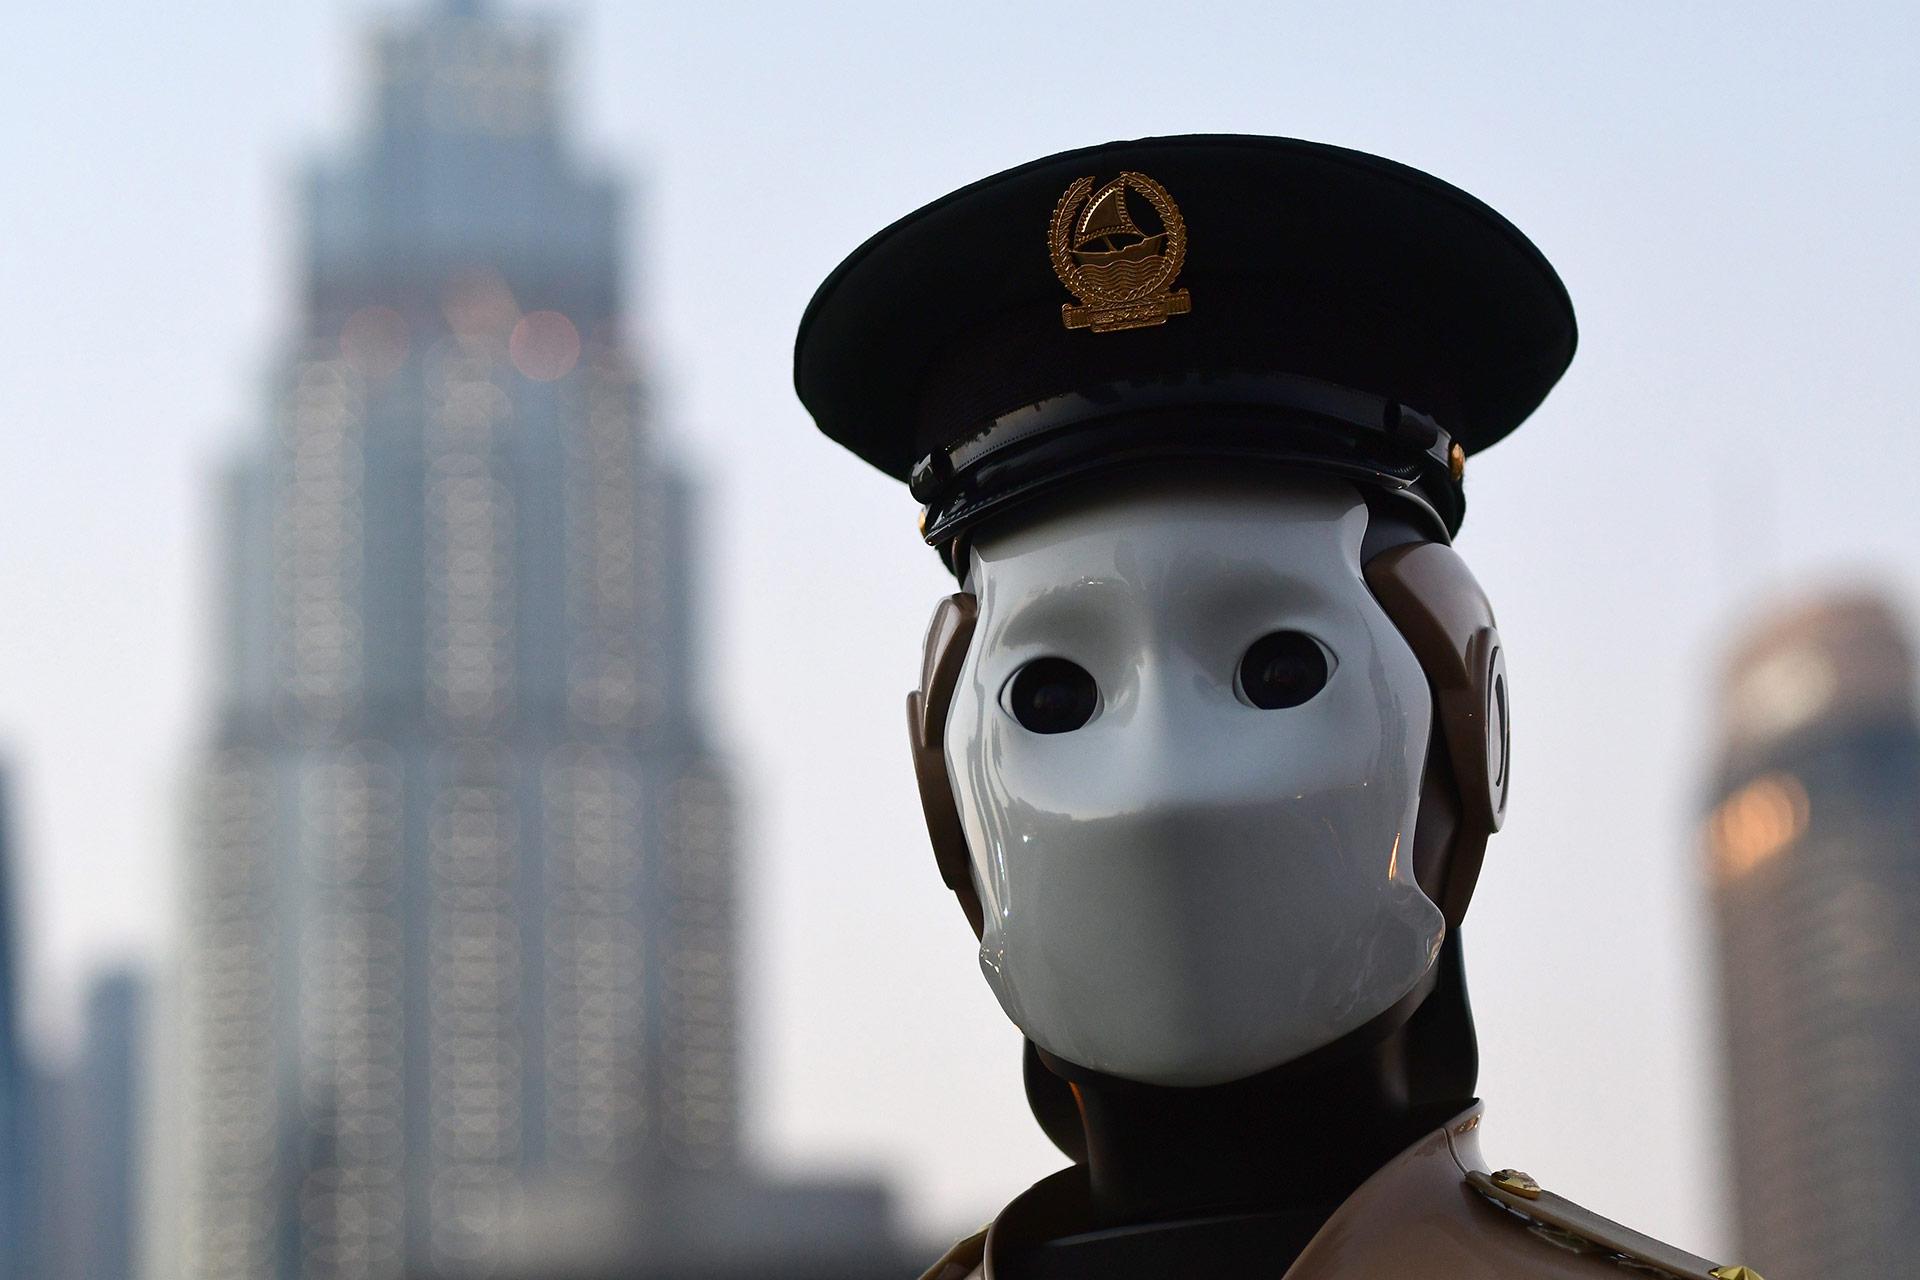 Estos androides estarán desplegados principalmente en las zonas turísticas, informó el oficial, quien admitió –sin embargo– que no puede substituir a los policías en el momento de la detención